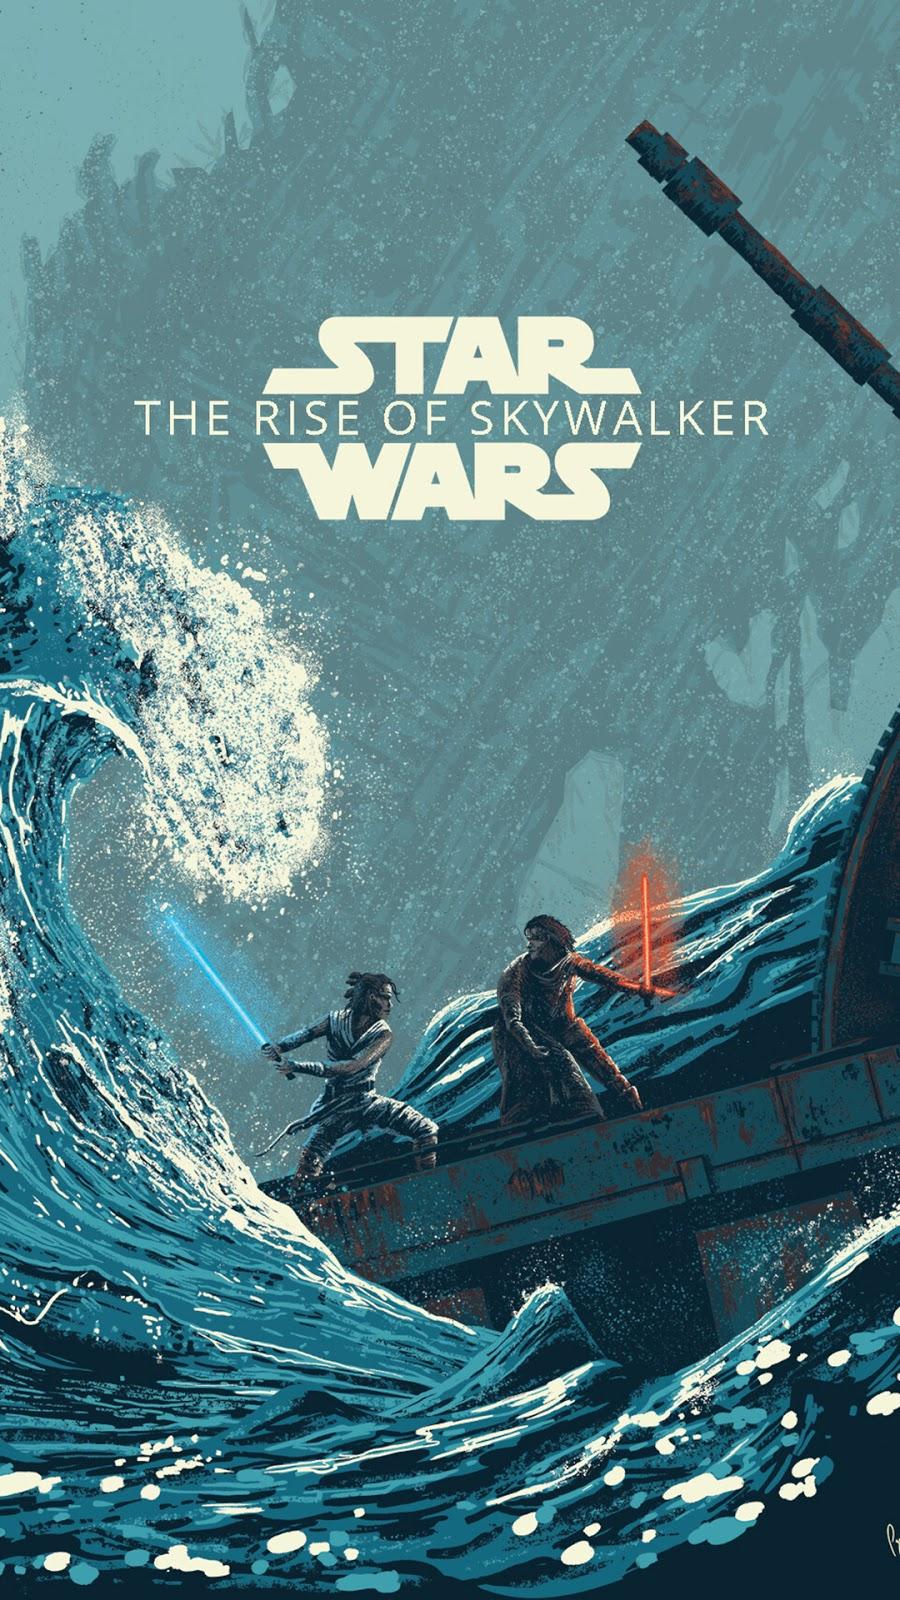 Ray Vs Kyle Rise Of Skywalker Wallpaper Star Wars The Rise Of Skywalker Art 900x1600 Wallpaper Teahub Io